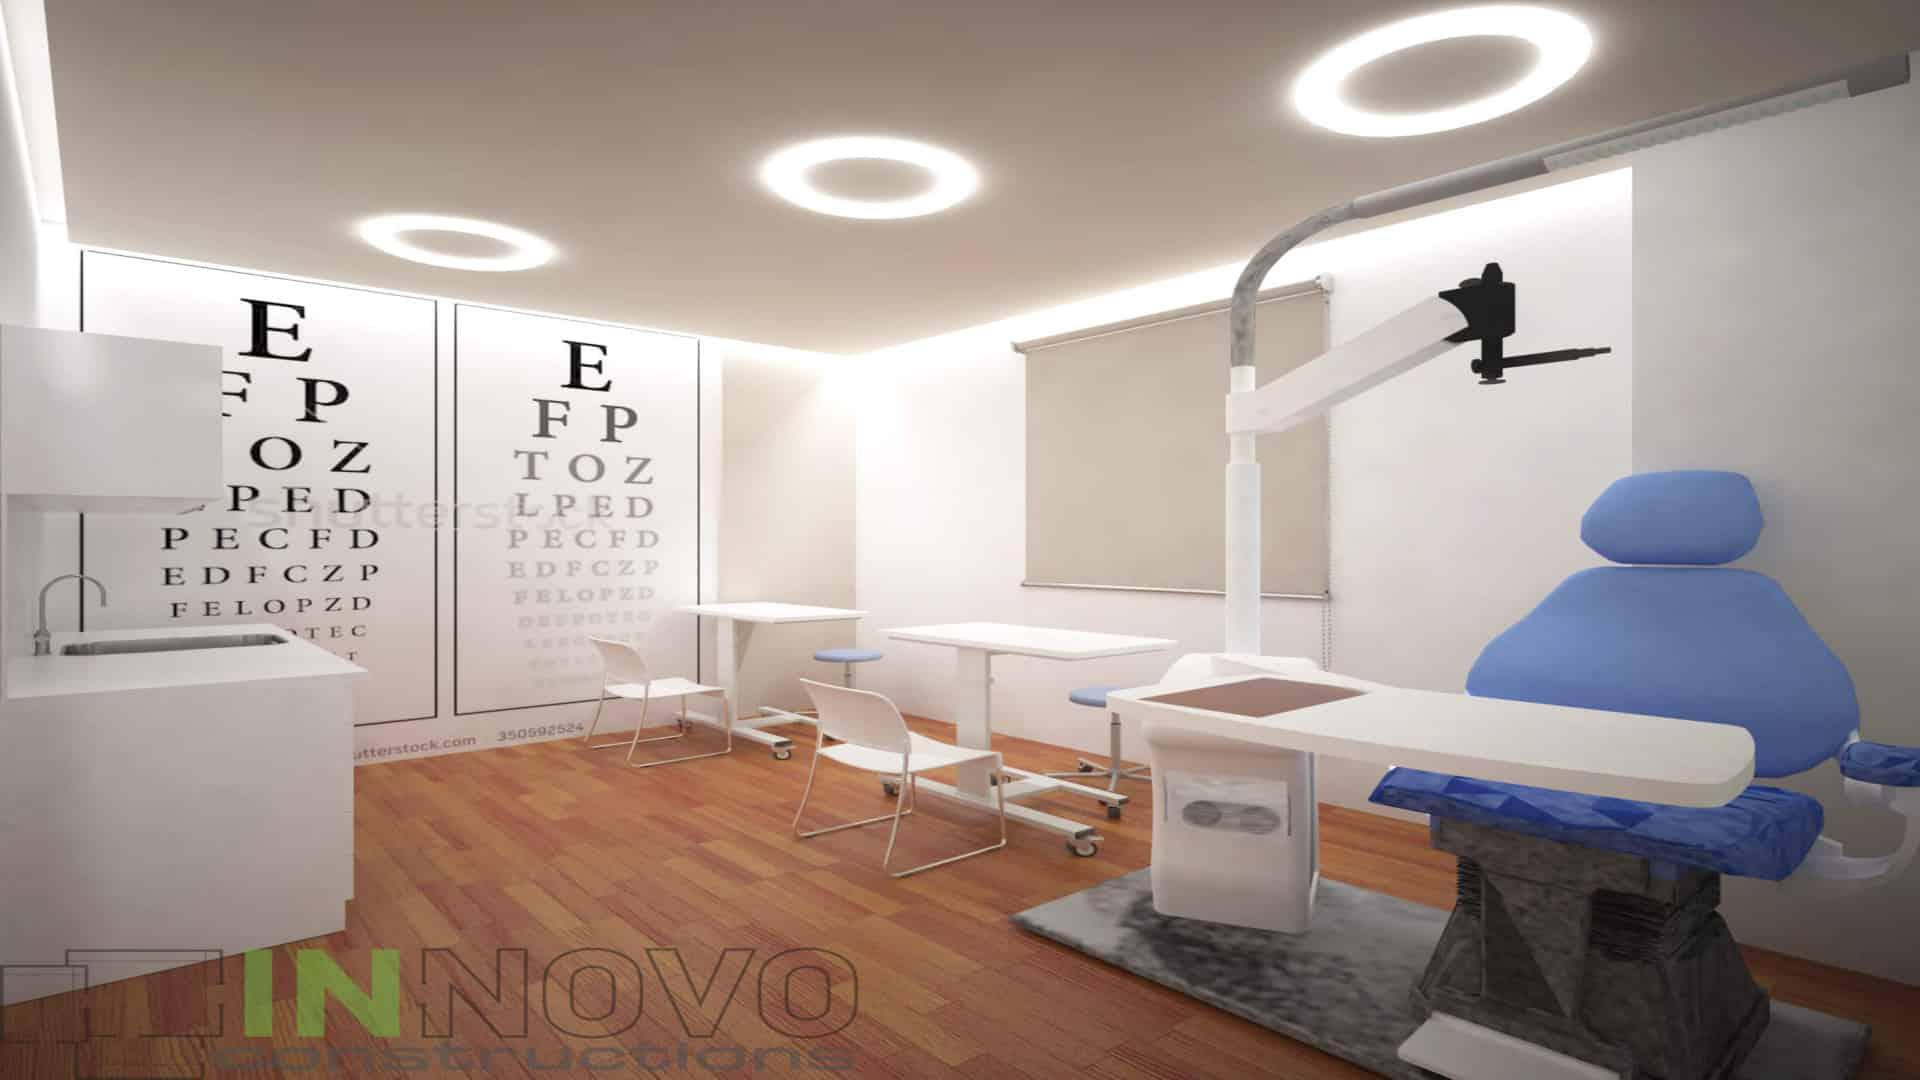 Μελέτη διακόσμησης οφθαλμιατρείου στην Αργυρούπολη